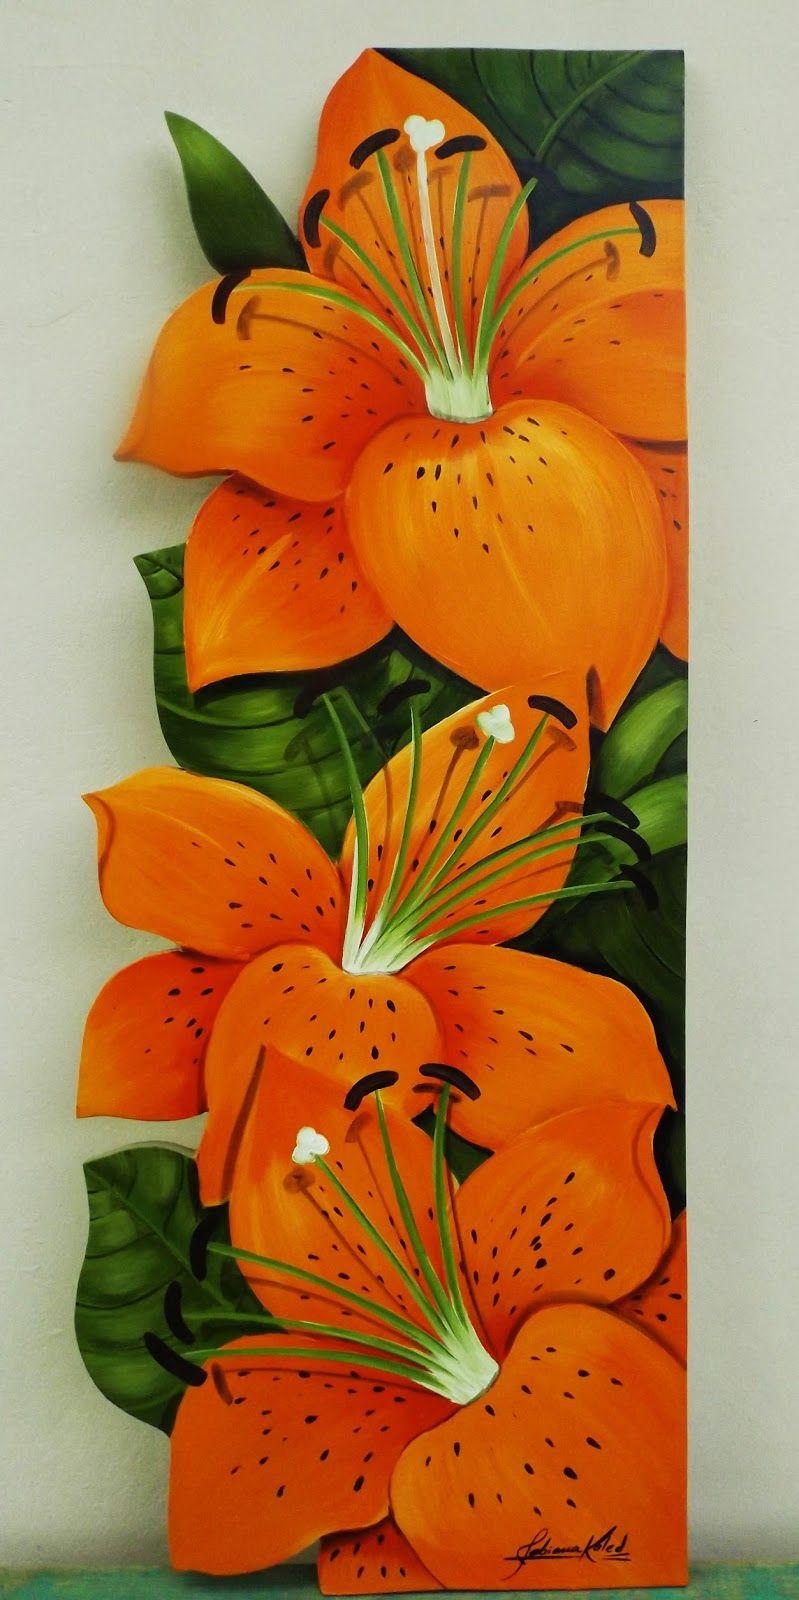 Fabiana Kaled Quadros 3d Decoupage Mural Art Acrylic Canvas